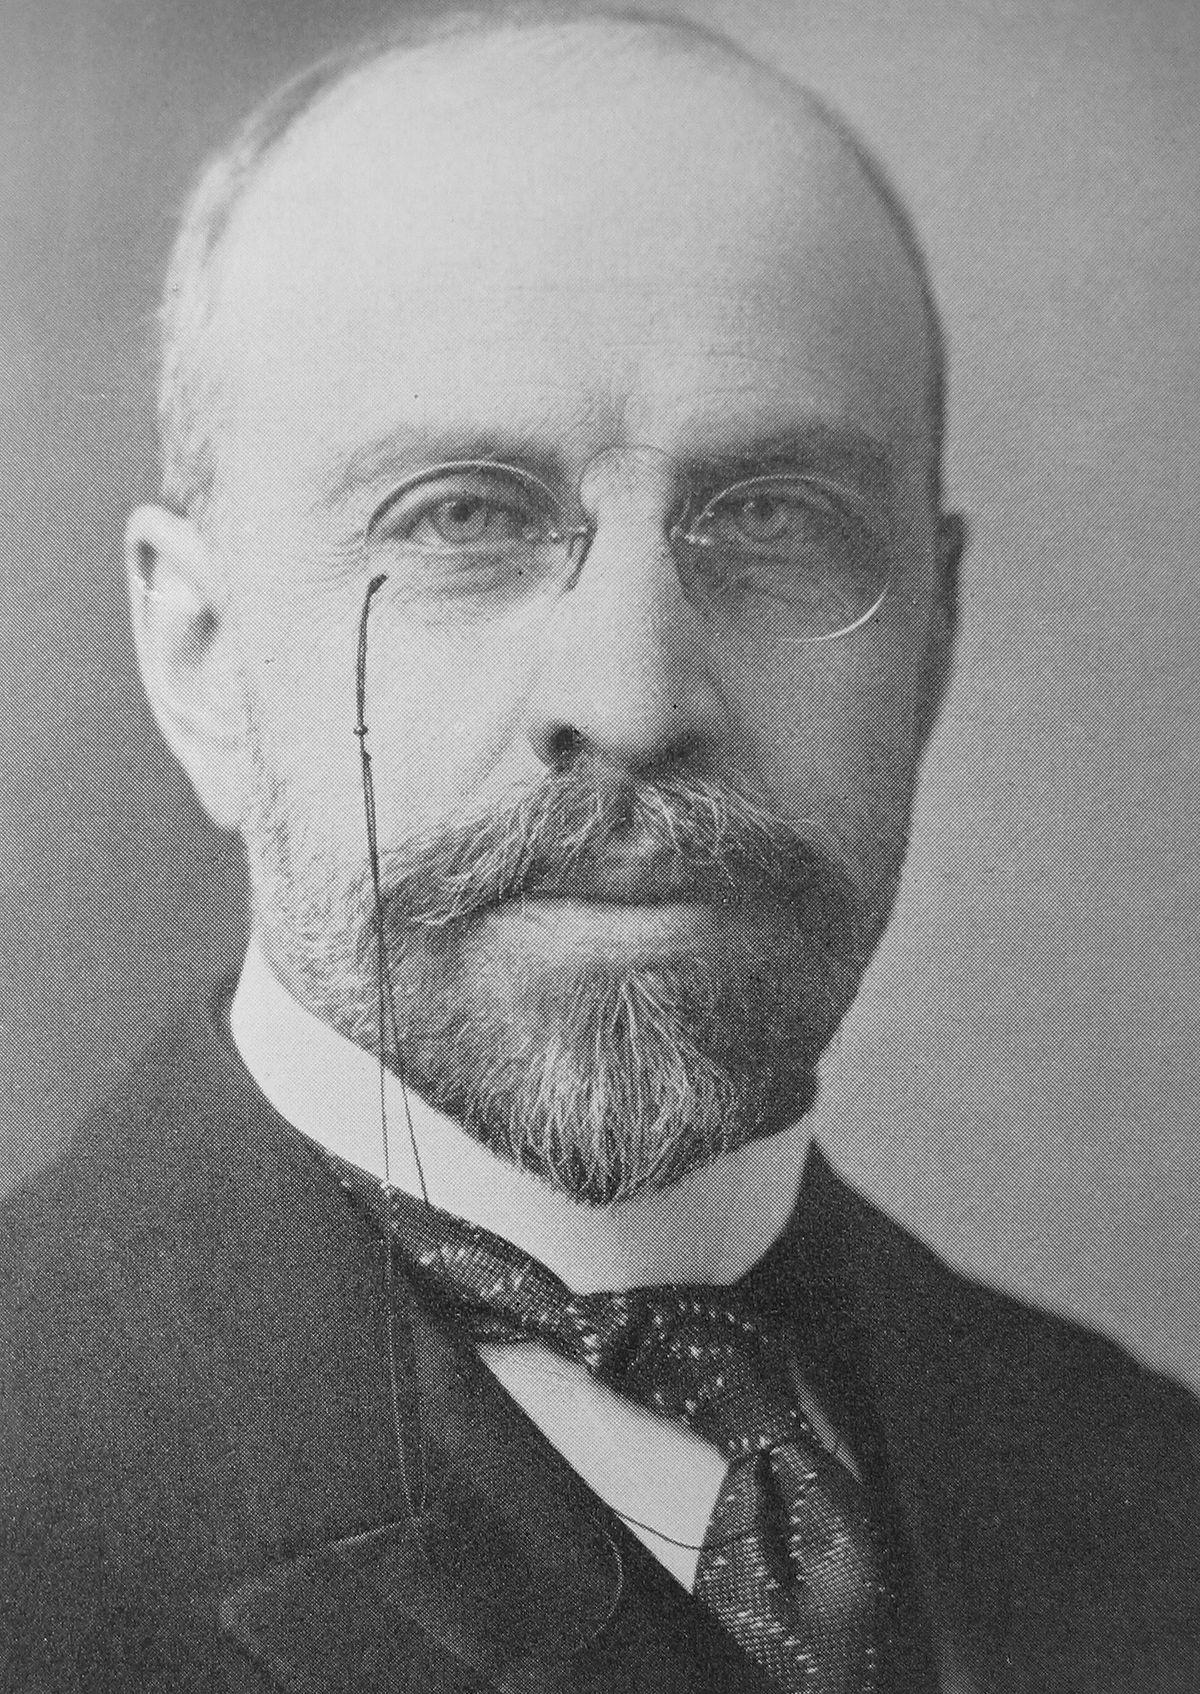 James S. Gray